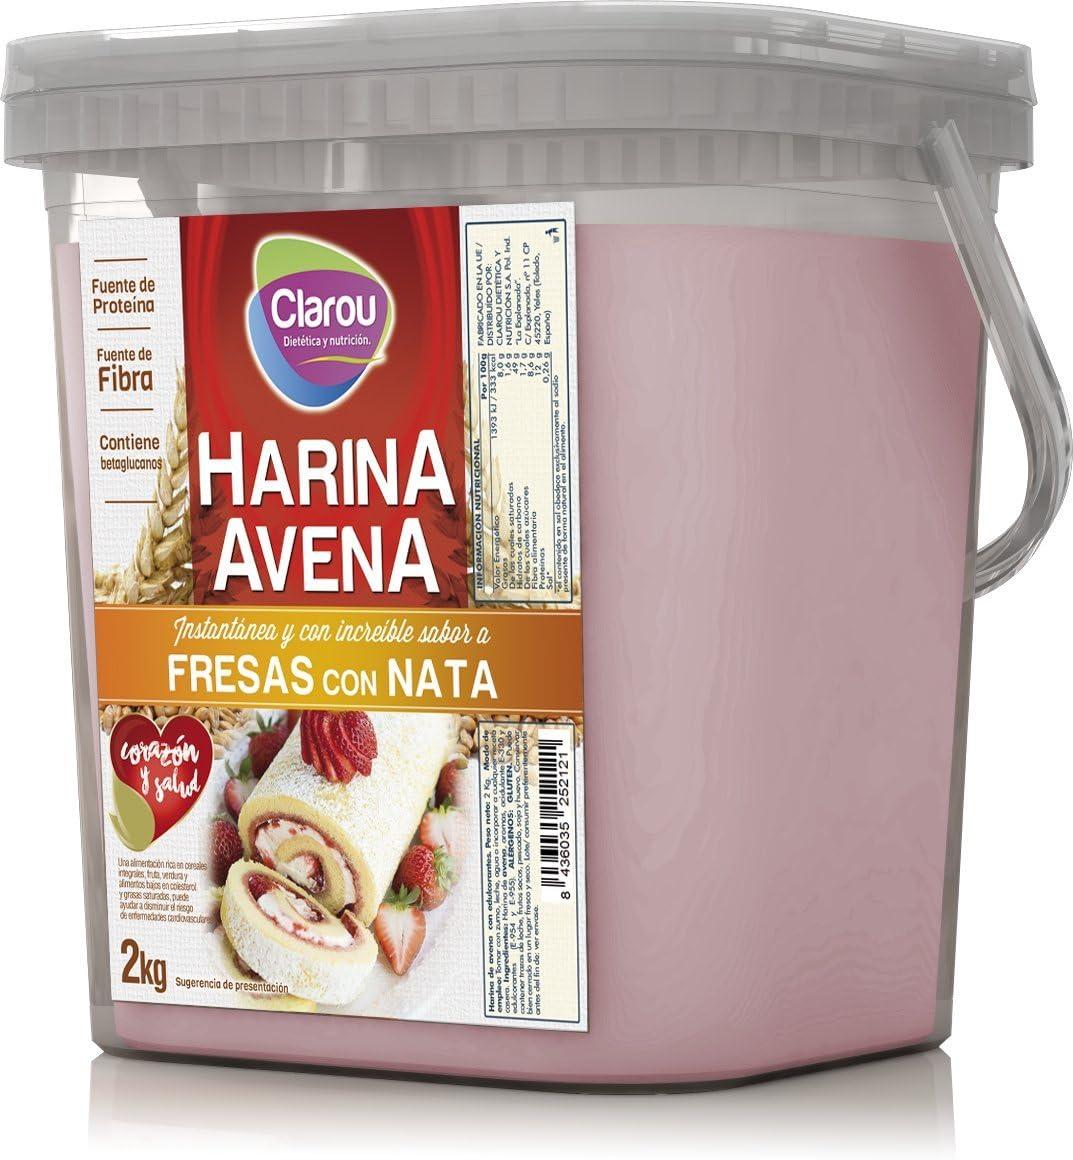 Harina de avena - 2Kg - Sabor Fresa con nata: Amazon.es ...